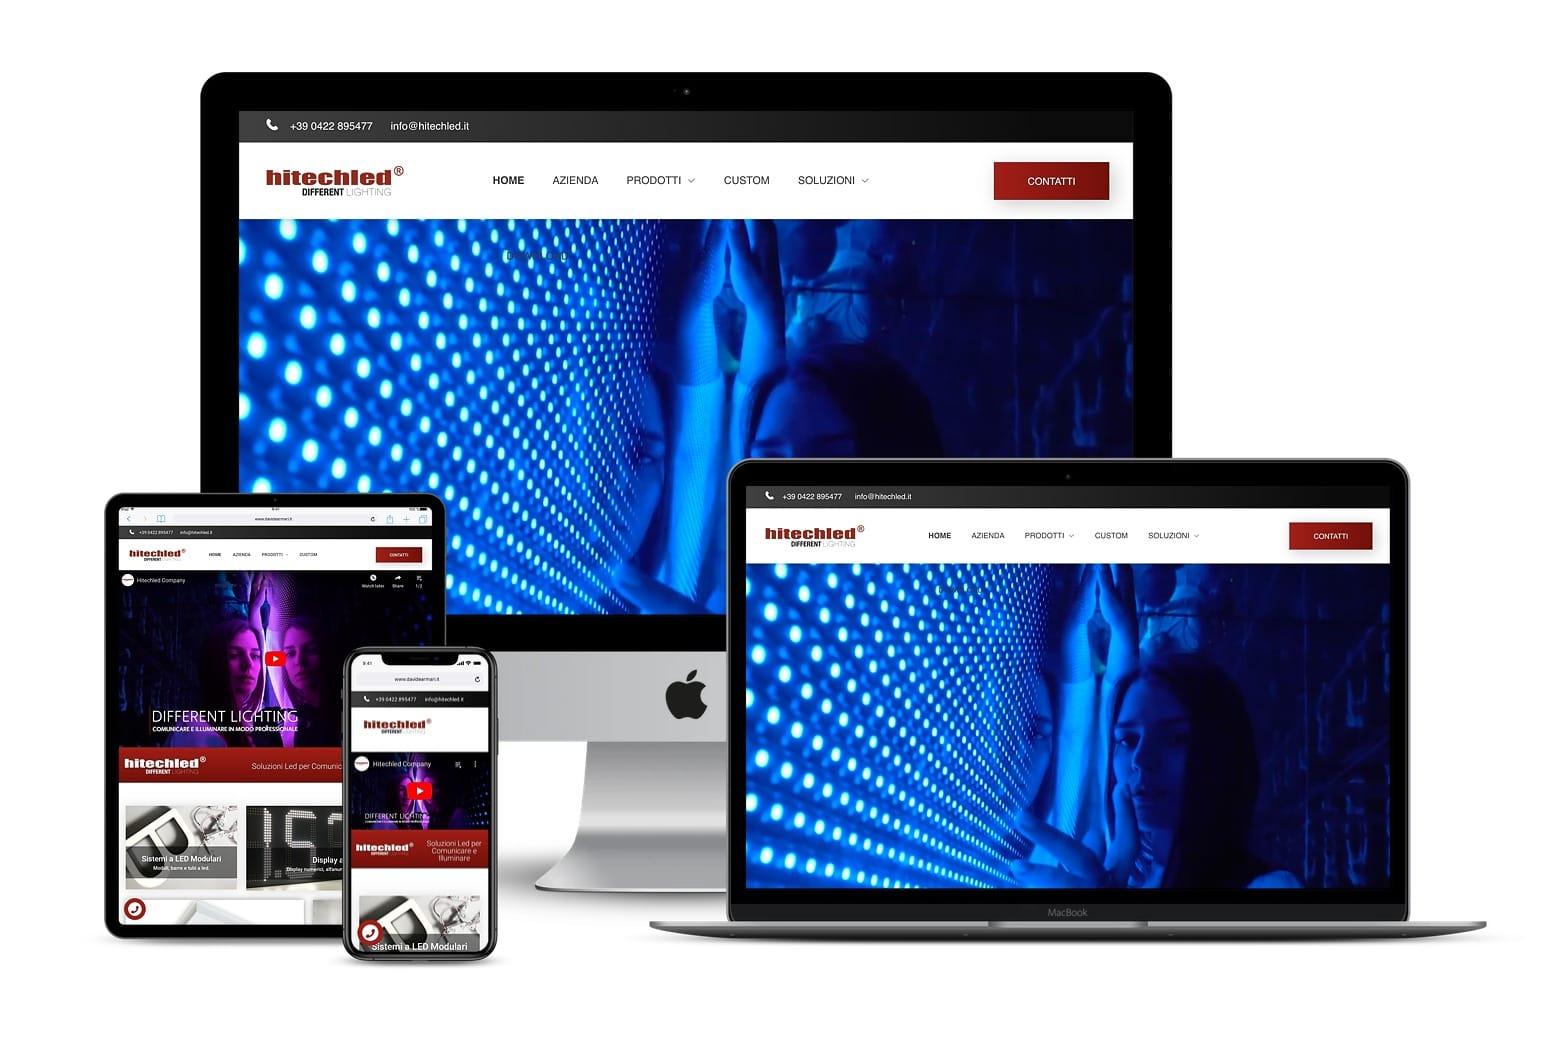 Sito Web soluzioni ledLink: www.hitechled.it